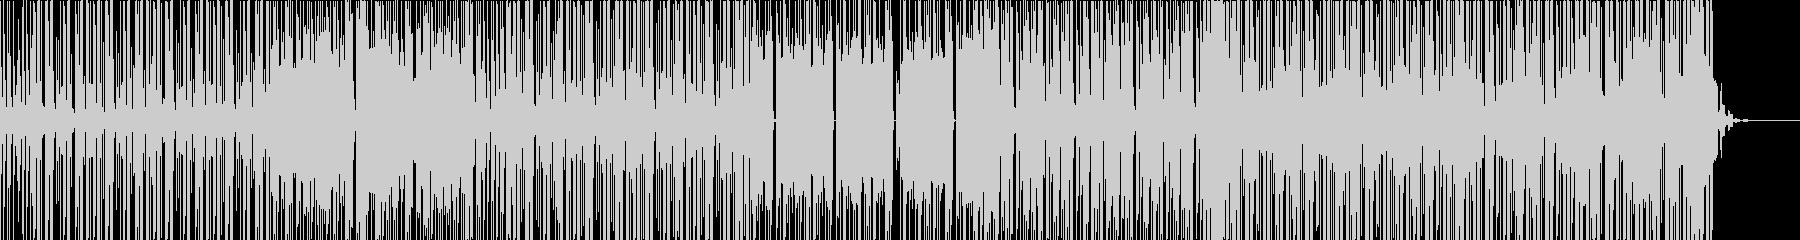 ギャングラップ 劇的な レトロ 不...の未再生の波形